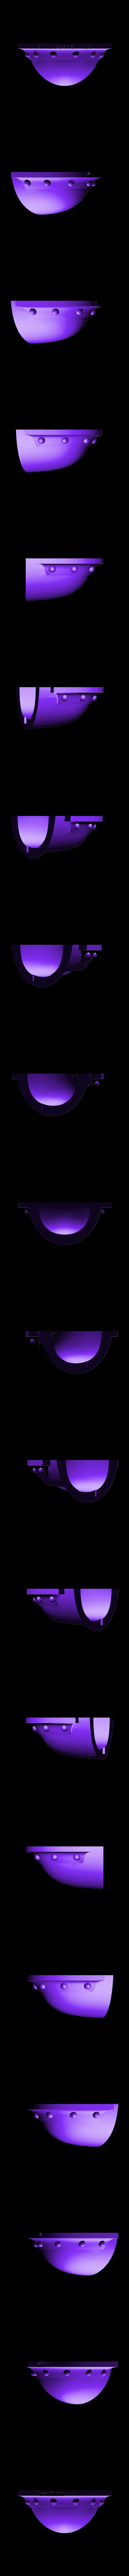 Shoulder 4.stl Télécharger fichier STL gratuit L'équipe des Chevaliers gris Primaris • Modèle pour imprimante 3D, joeldawson93